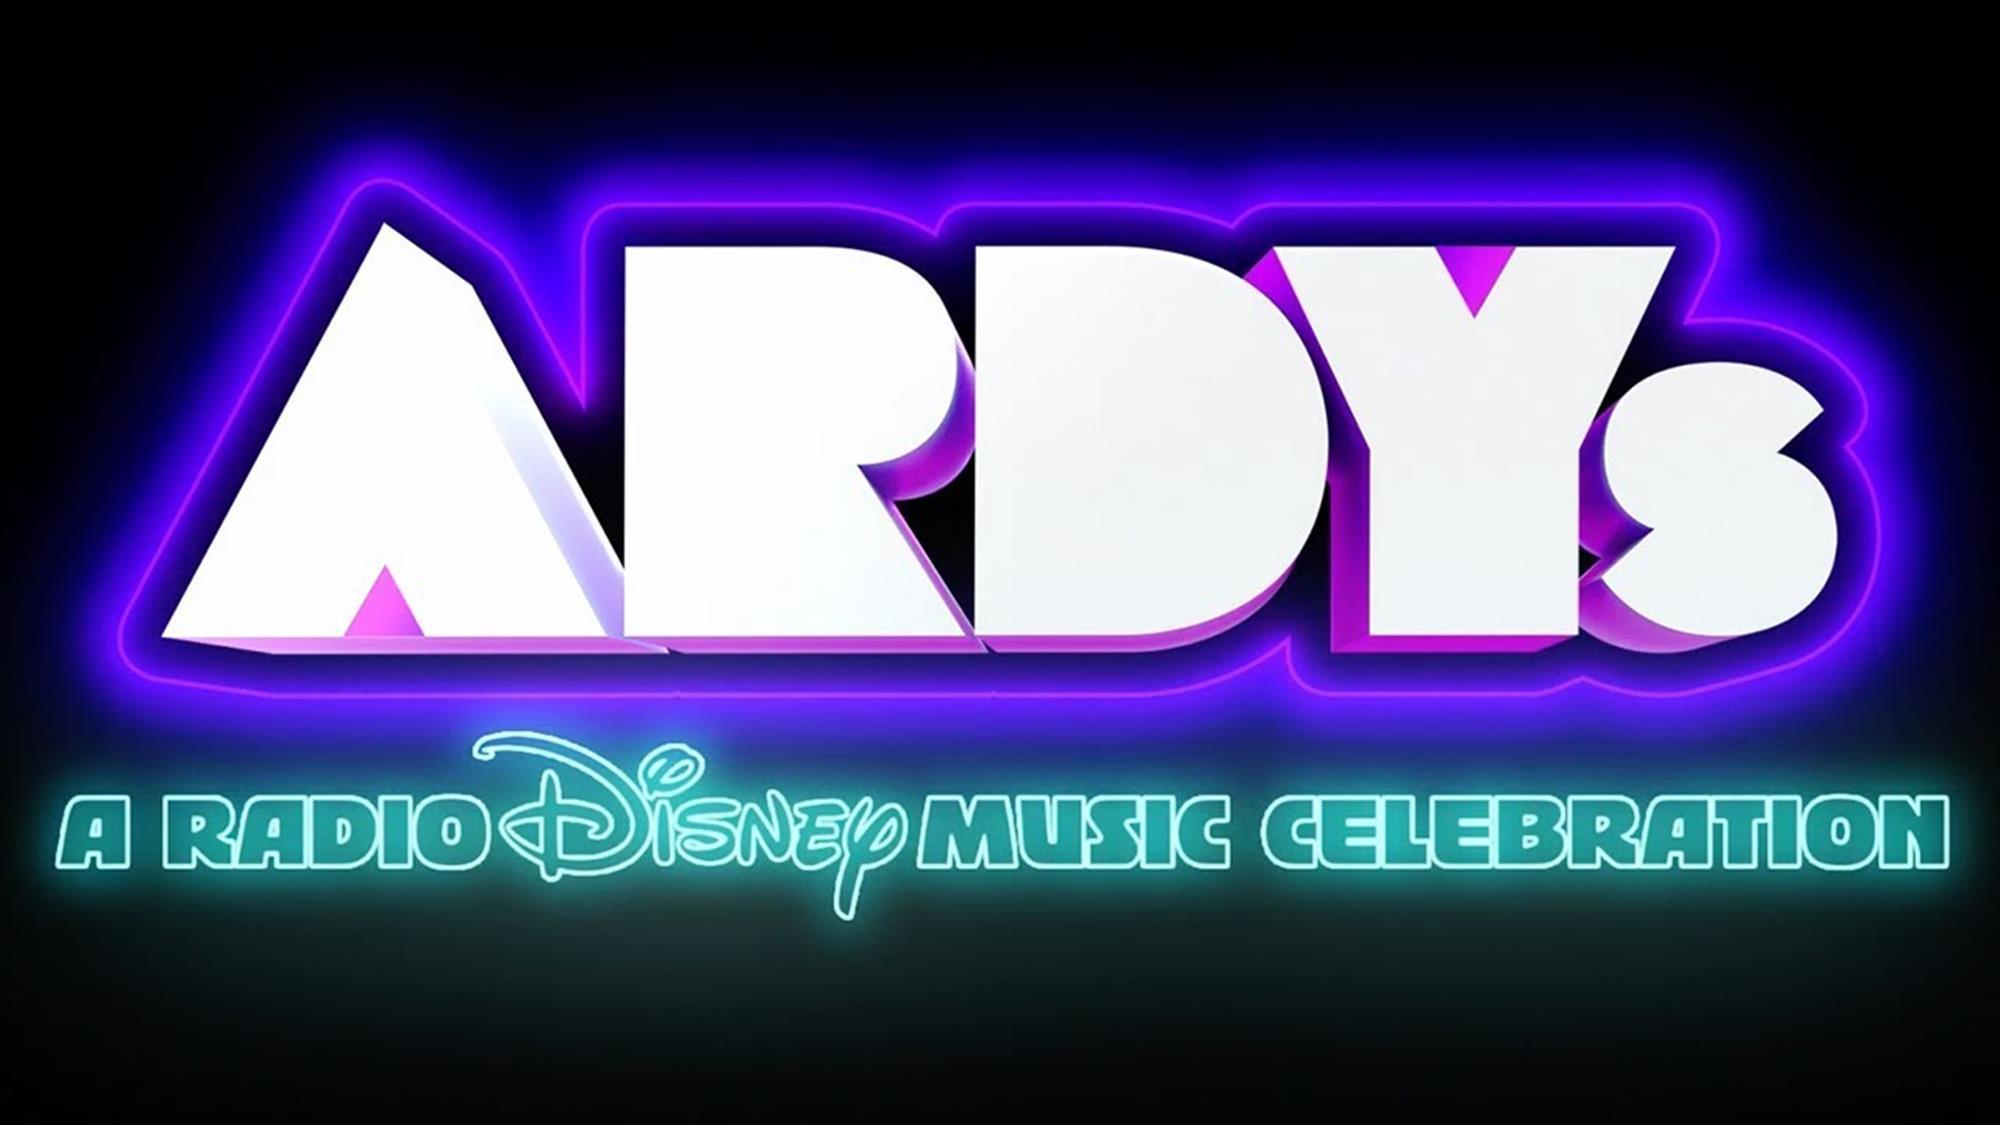 Ardys Radio Disney Music